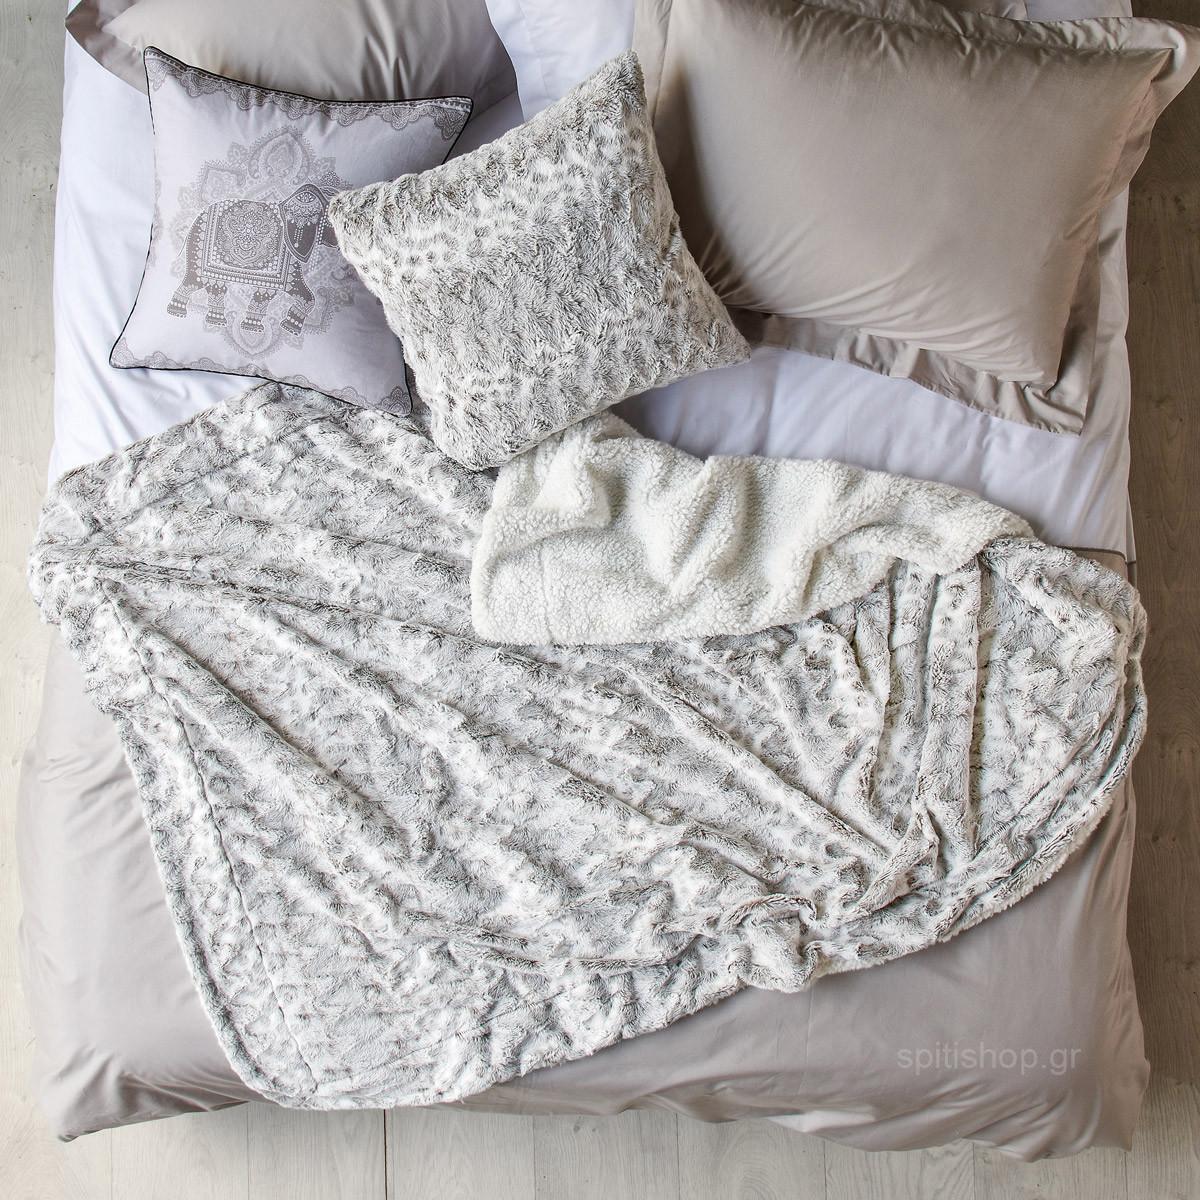 Κουβέρτα Fleece Υπέρδιπλη Kentia Stylish Warmy 186